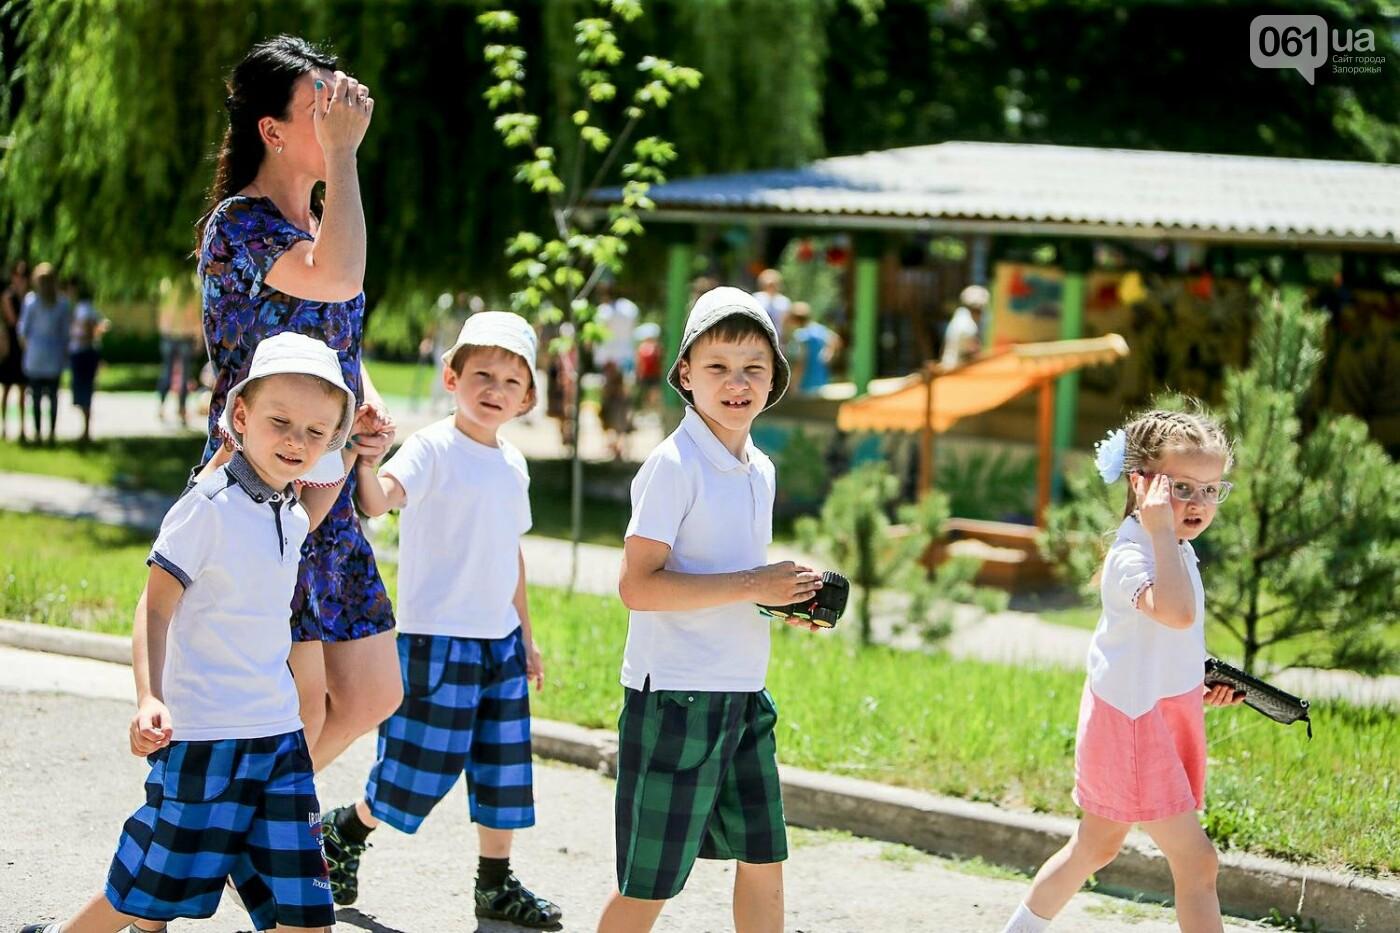 """О чем мечтают дети - фоторепортаж из дома ребенка """"Солнышко"""", фото-3"""